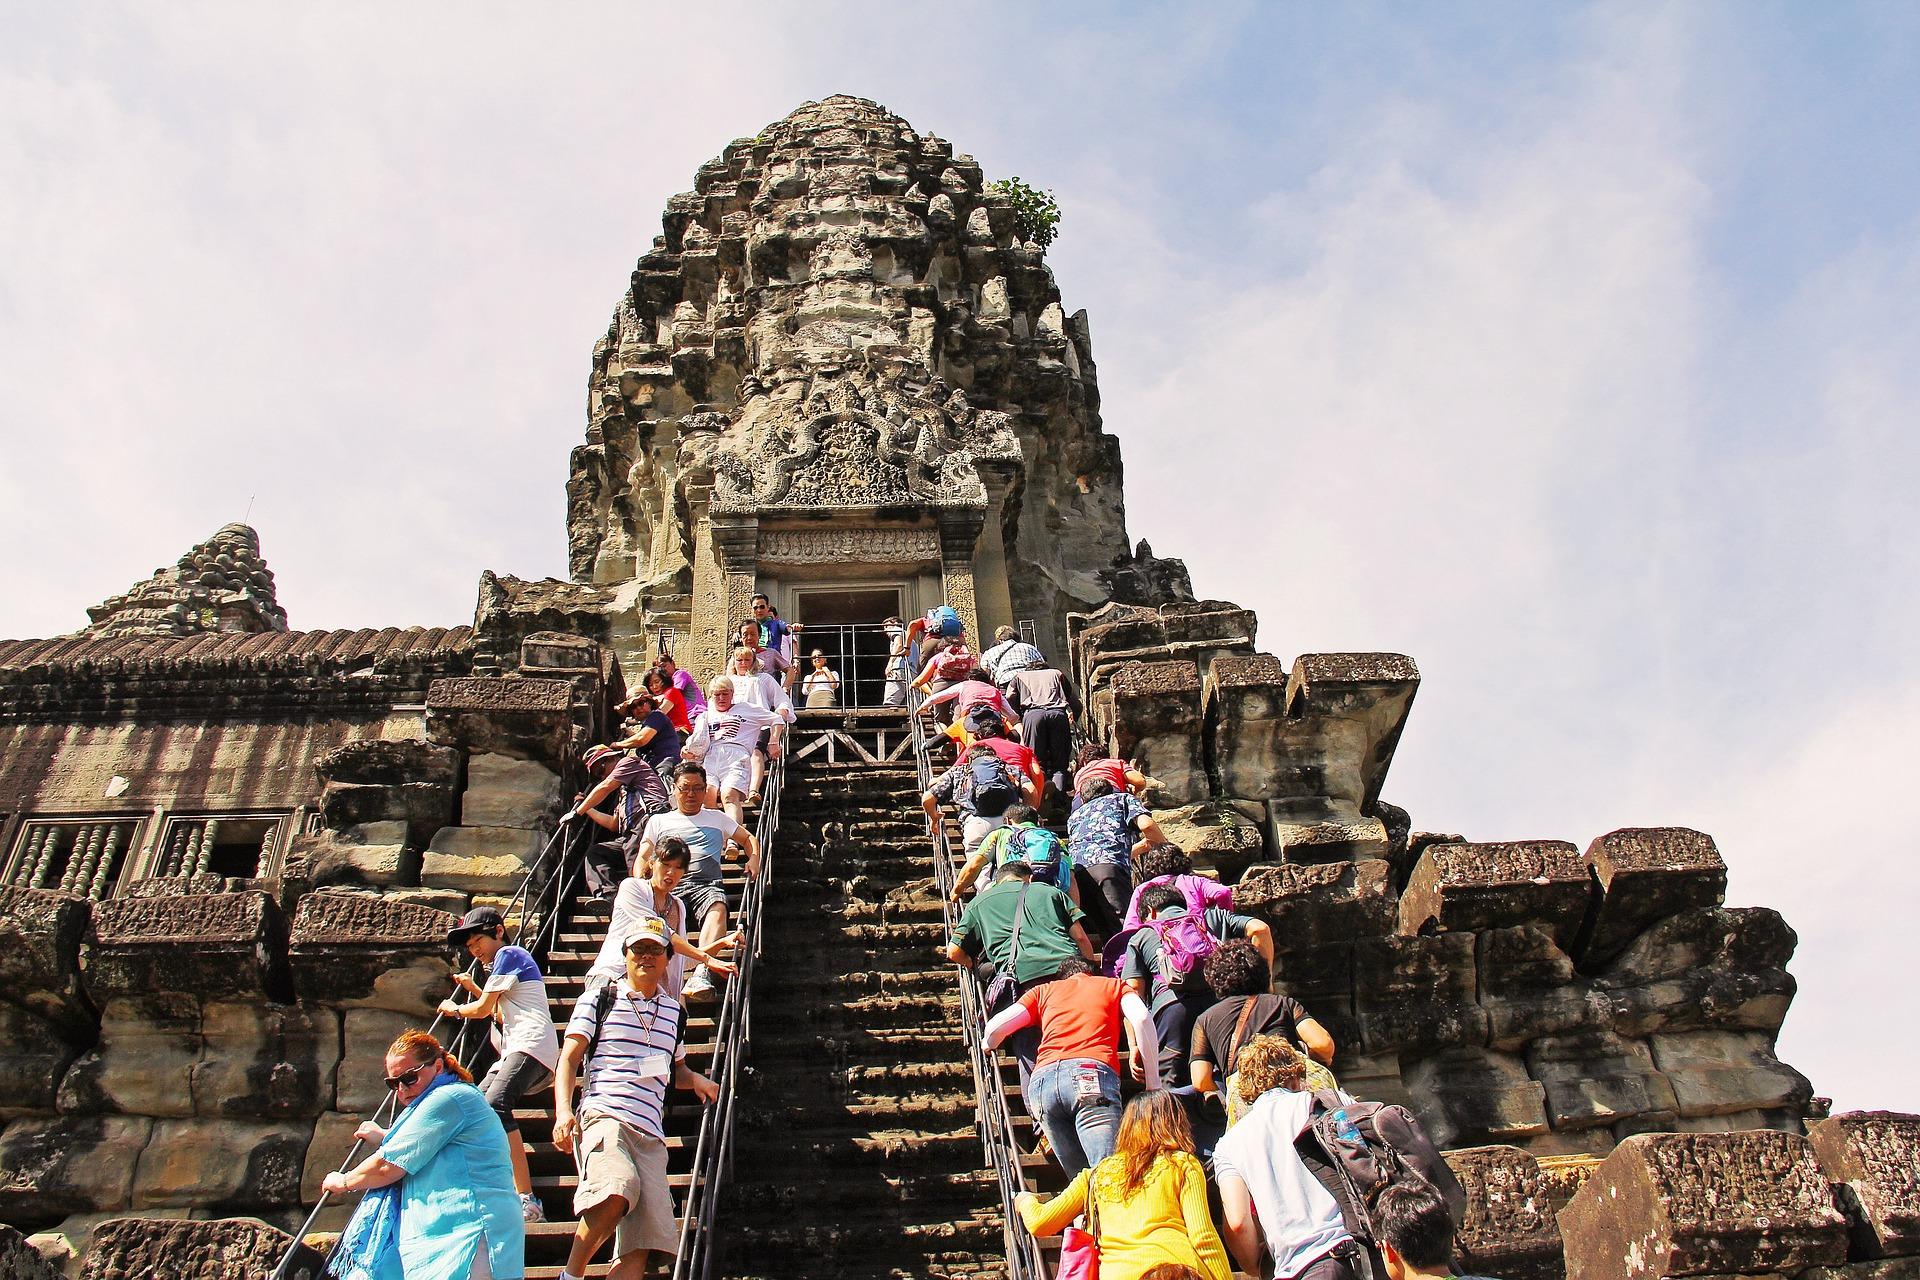 angkor-wat-temple-934140_1920.jpg